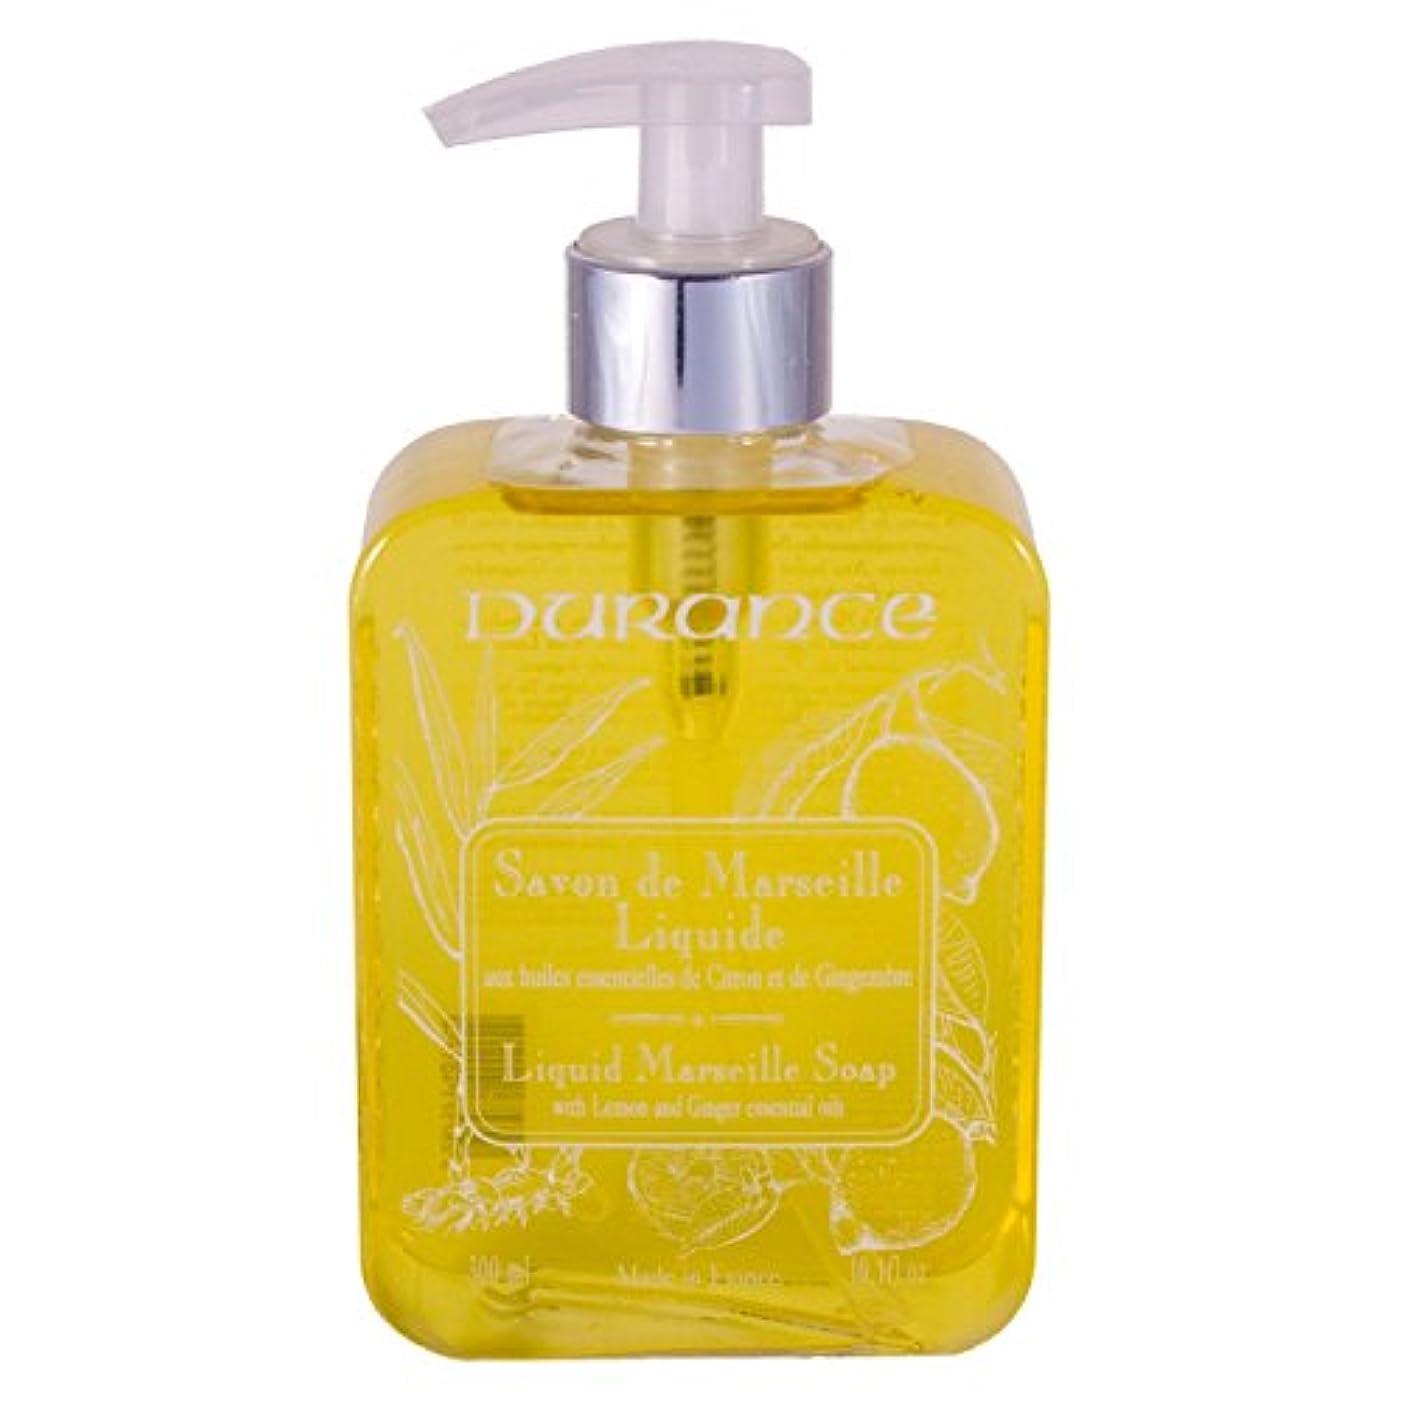 申込み商品懐DURANCE(デュランス) マルセイユリキッドソープ 300ml 「レモンジンジャー」 3287571401154